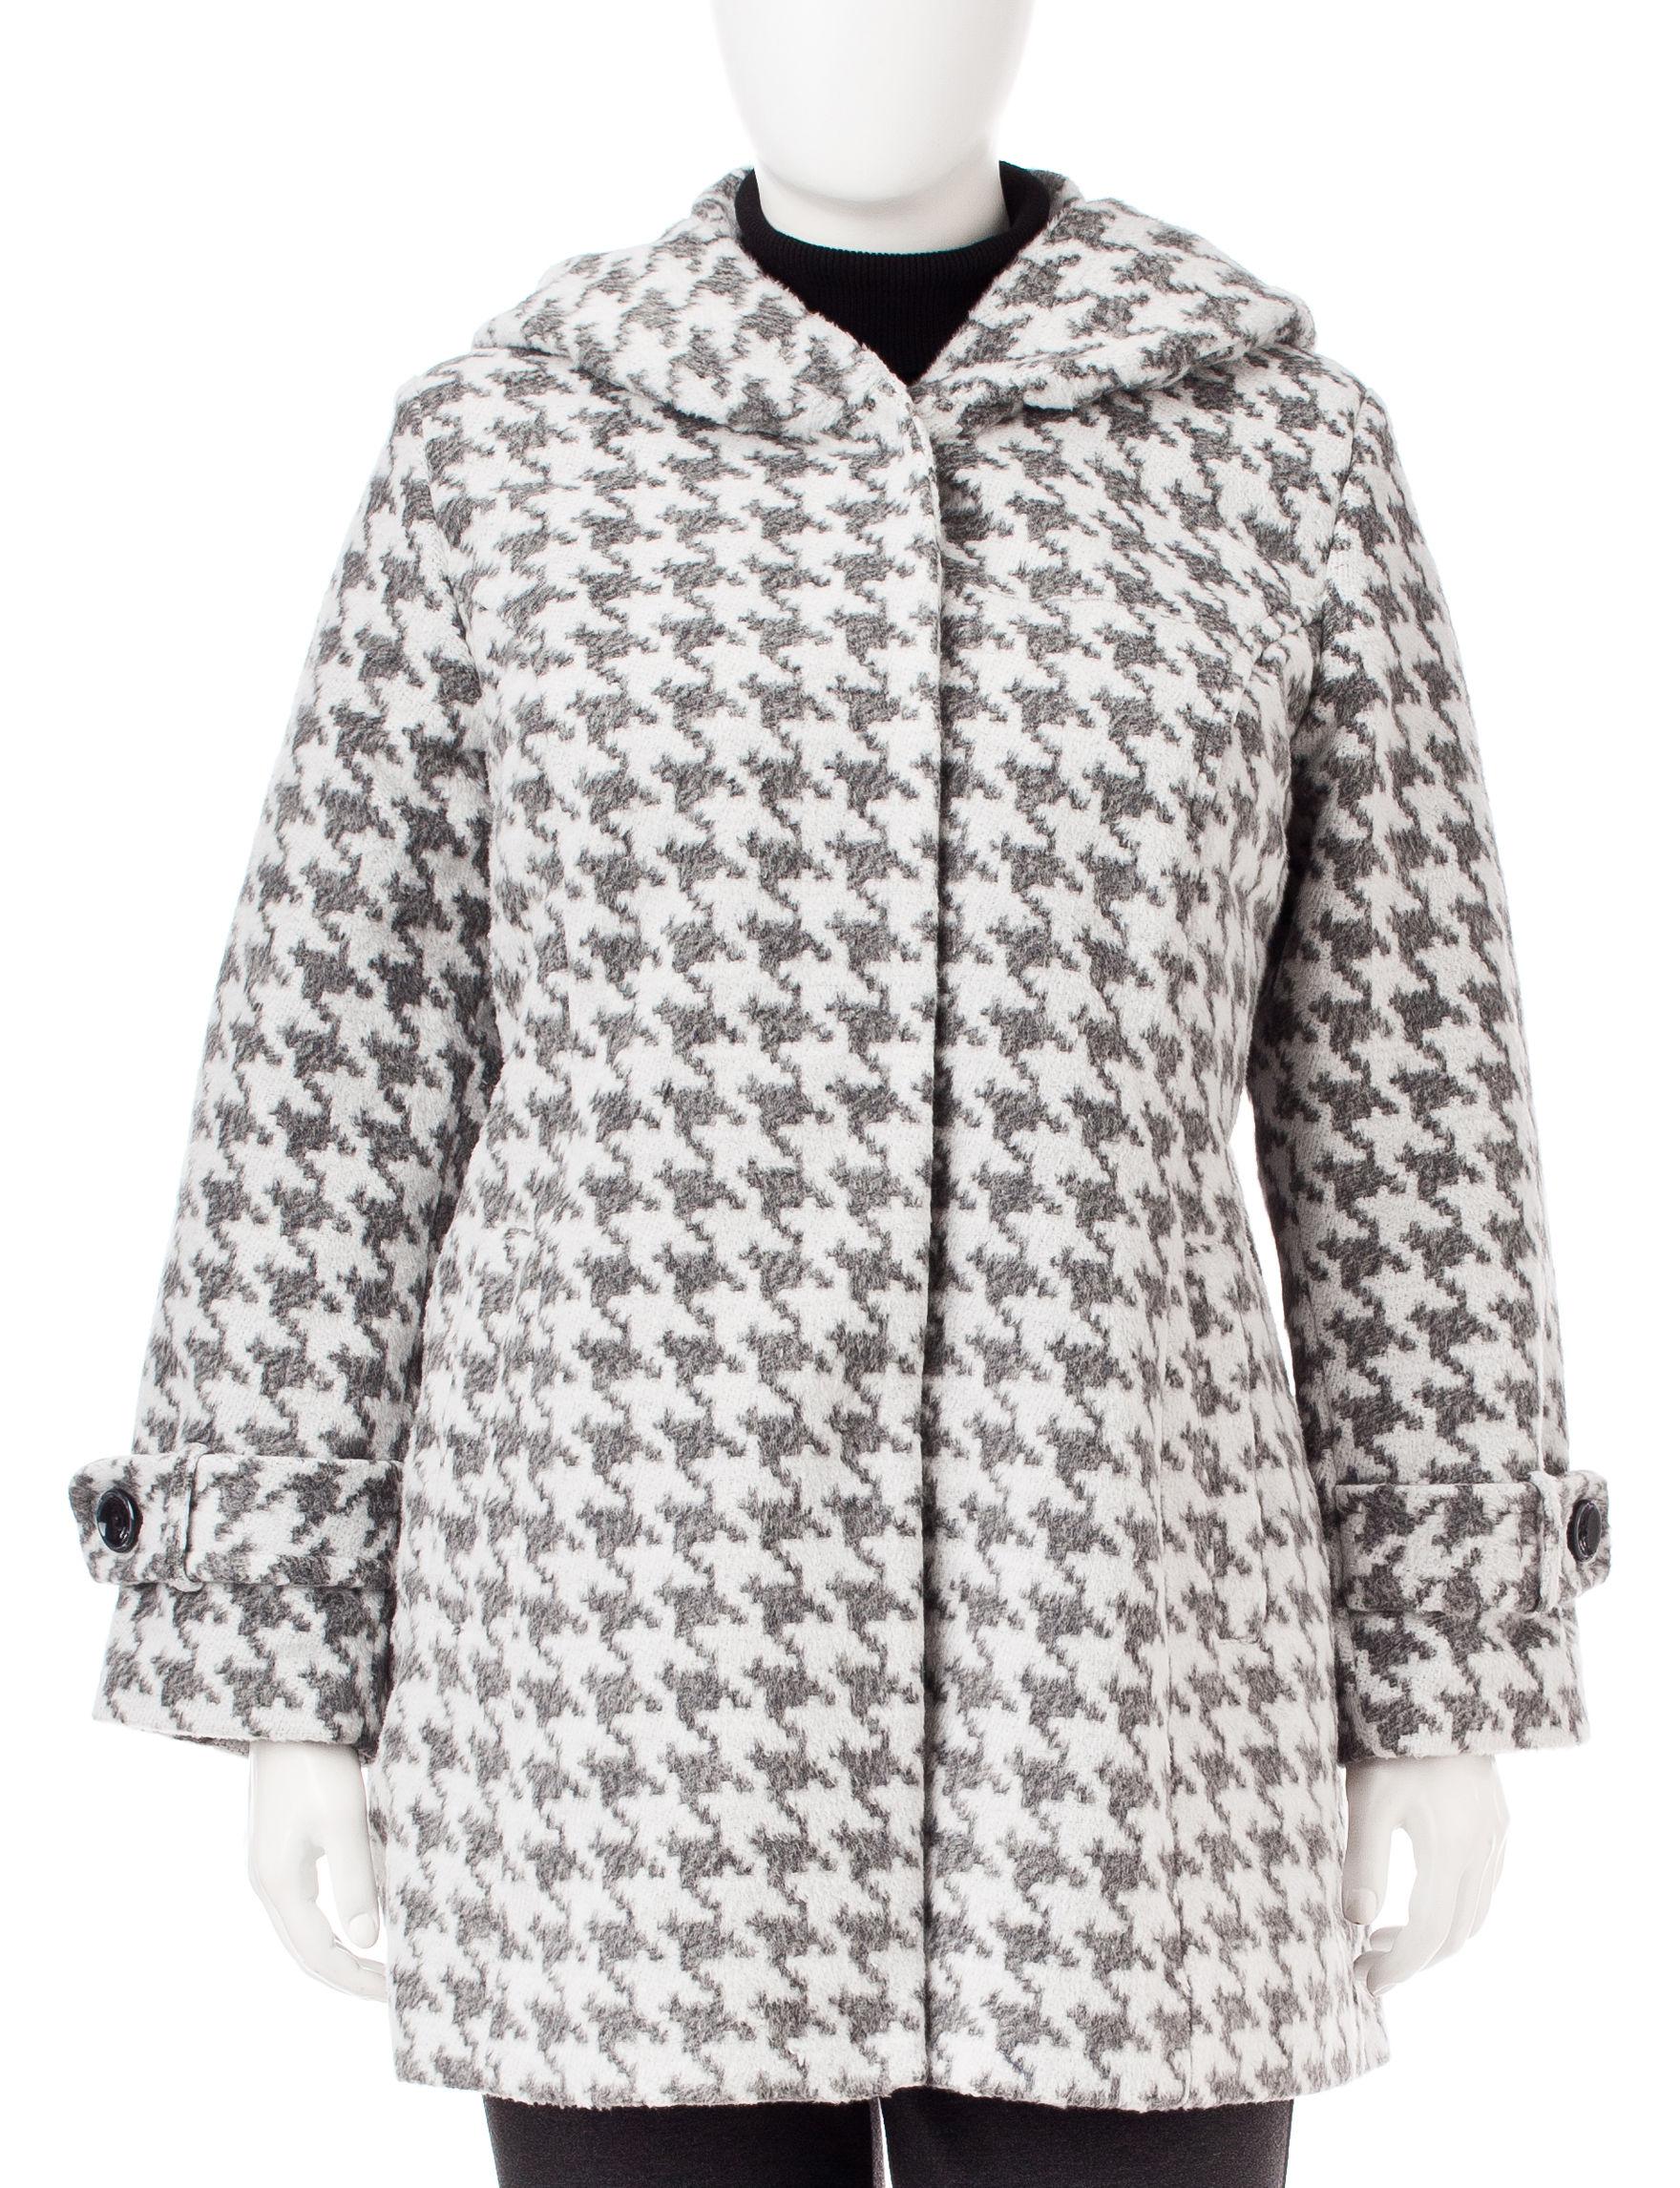 Valerie Stevens Brown Peacoats & Overcoats